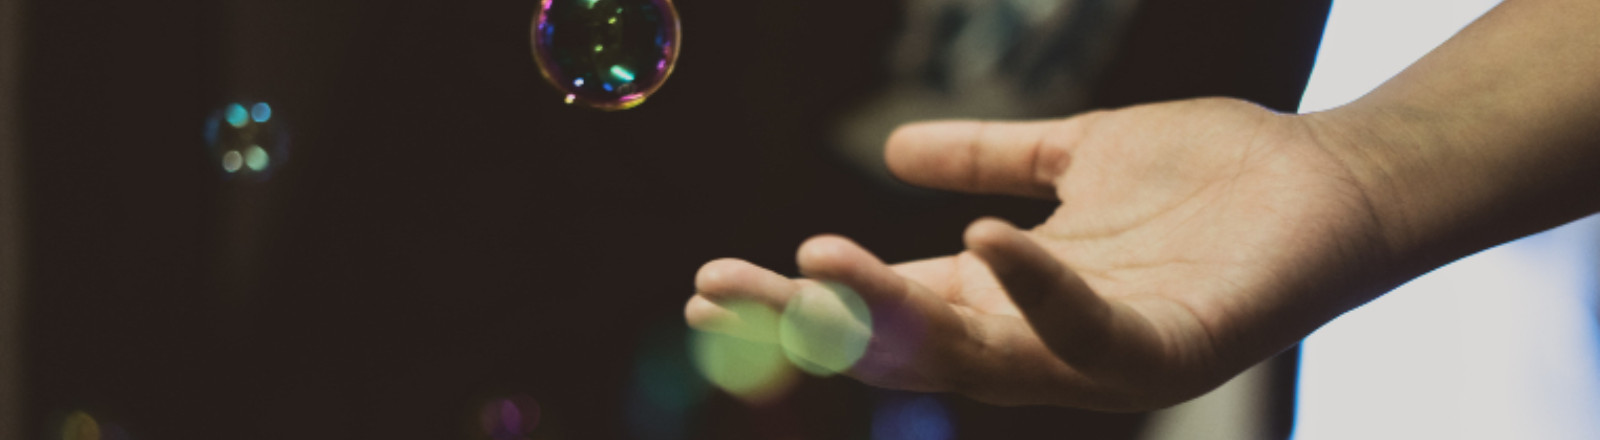 Frau hält Hand in Seifenblasen